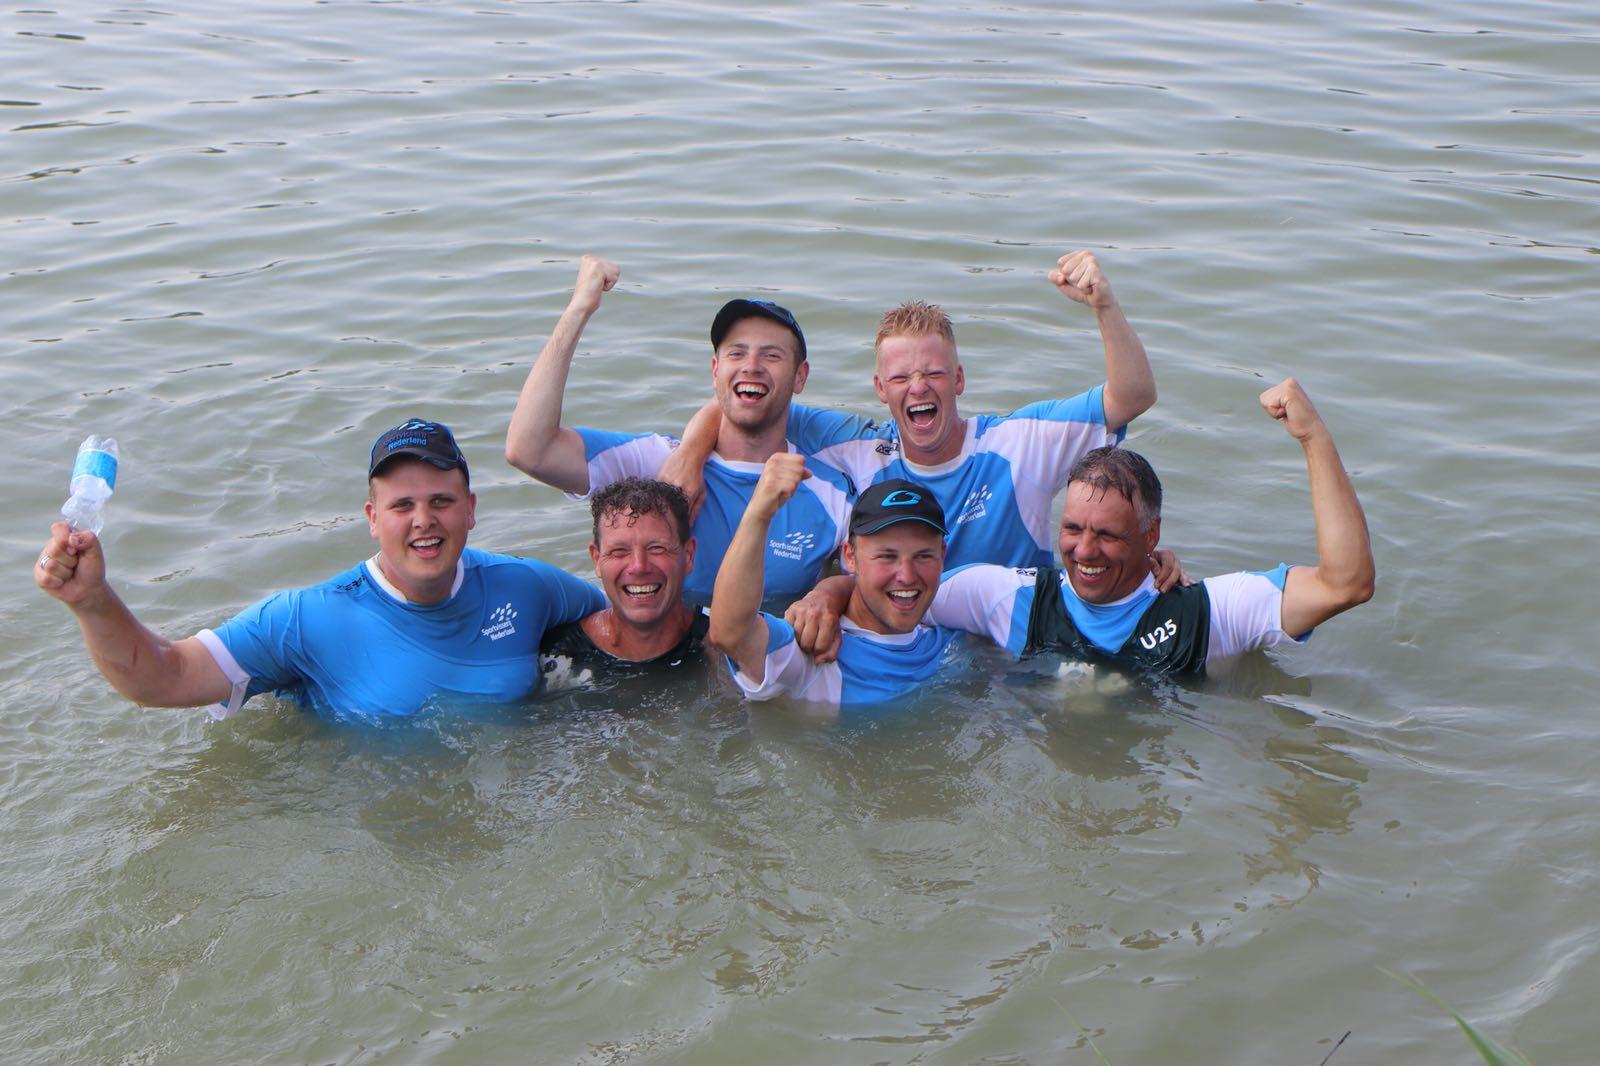 De gouden U25-ploeg dook van geluk het water in! (Foto: aangeleverd)